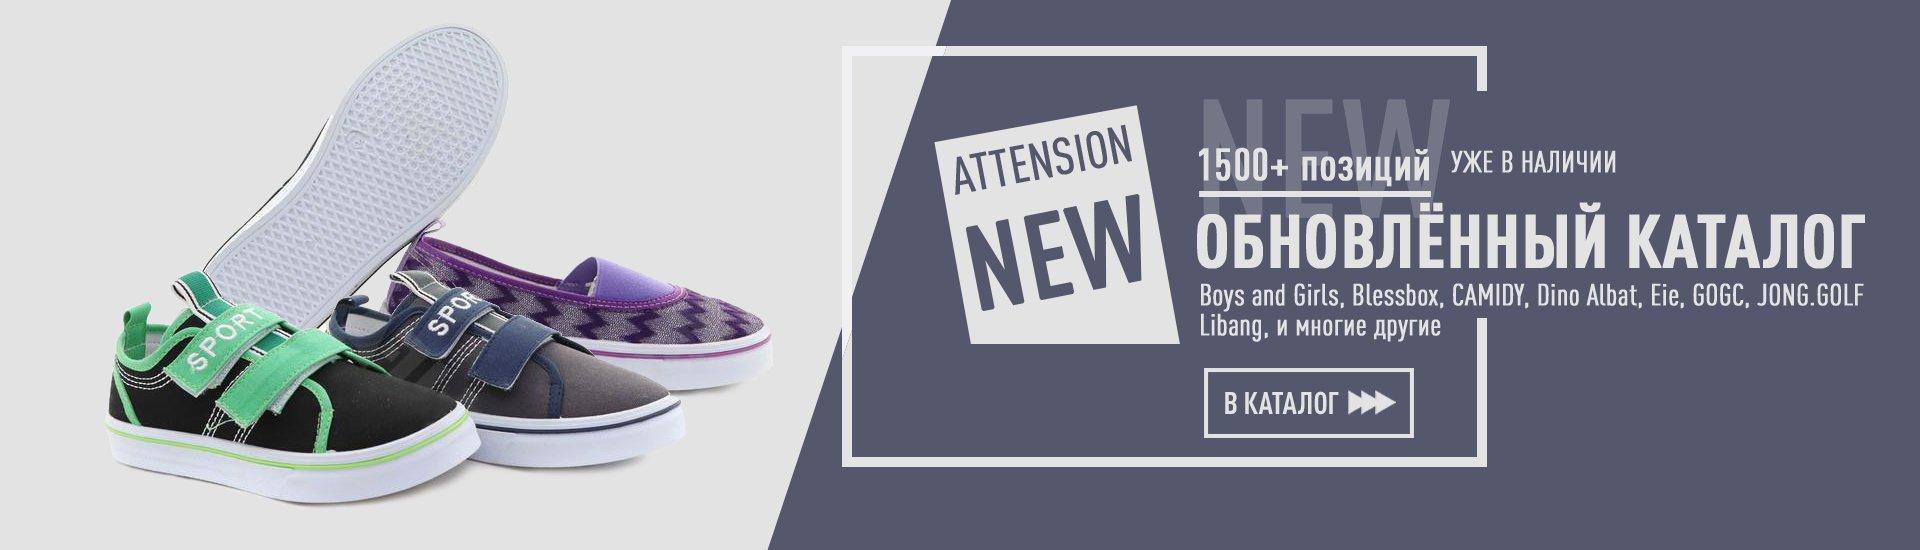 Новые модели обуви оптом